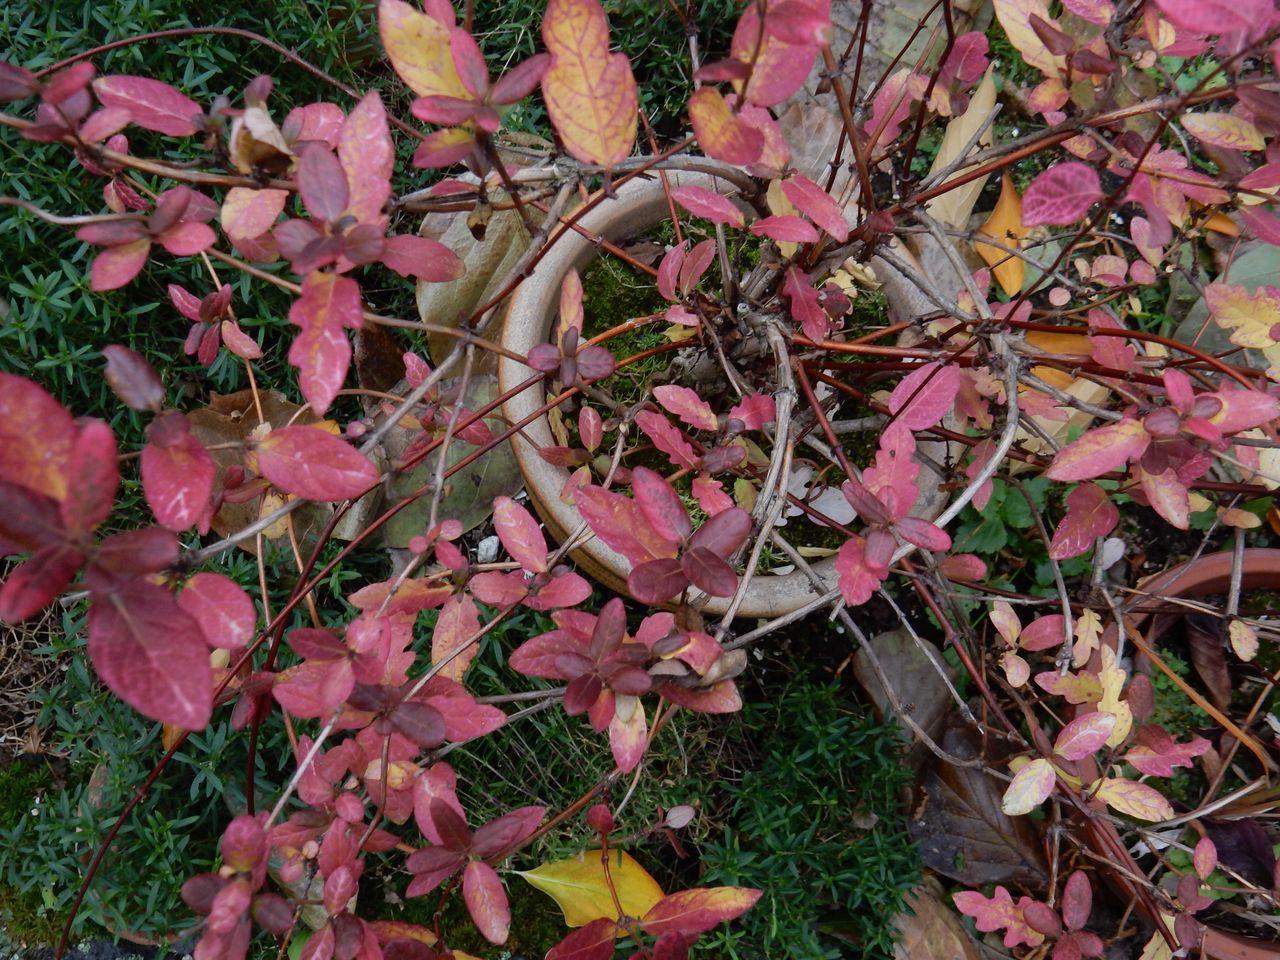 よく見ると一枚一枚の葉の色だって違います_c0025115_21113861.jpg